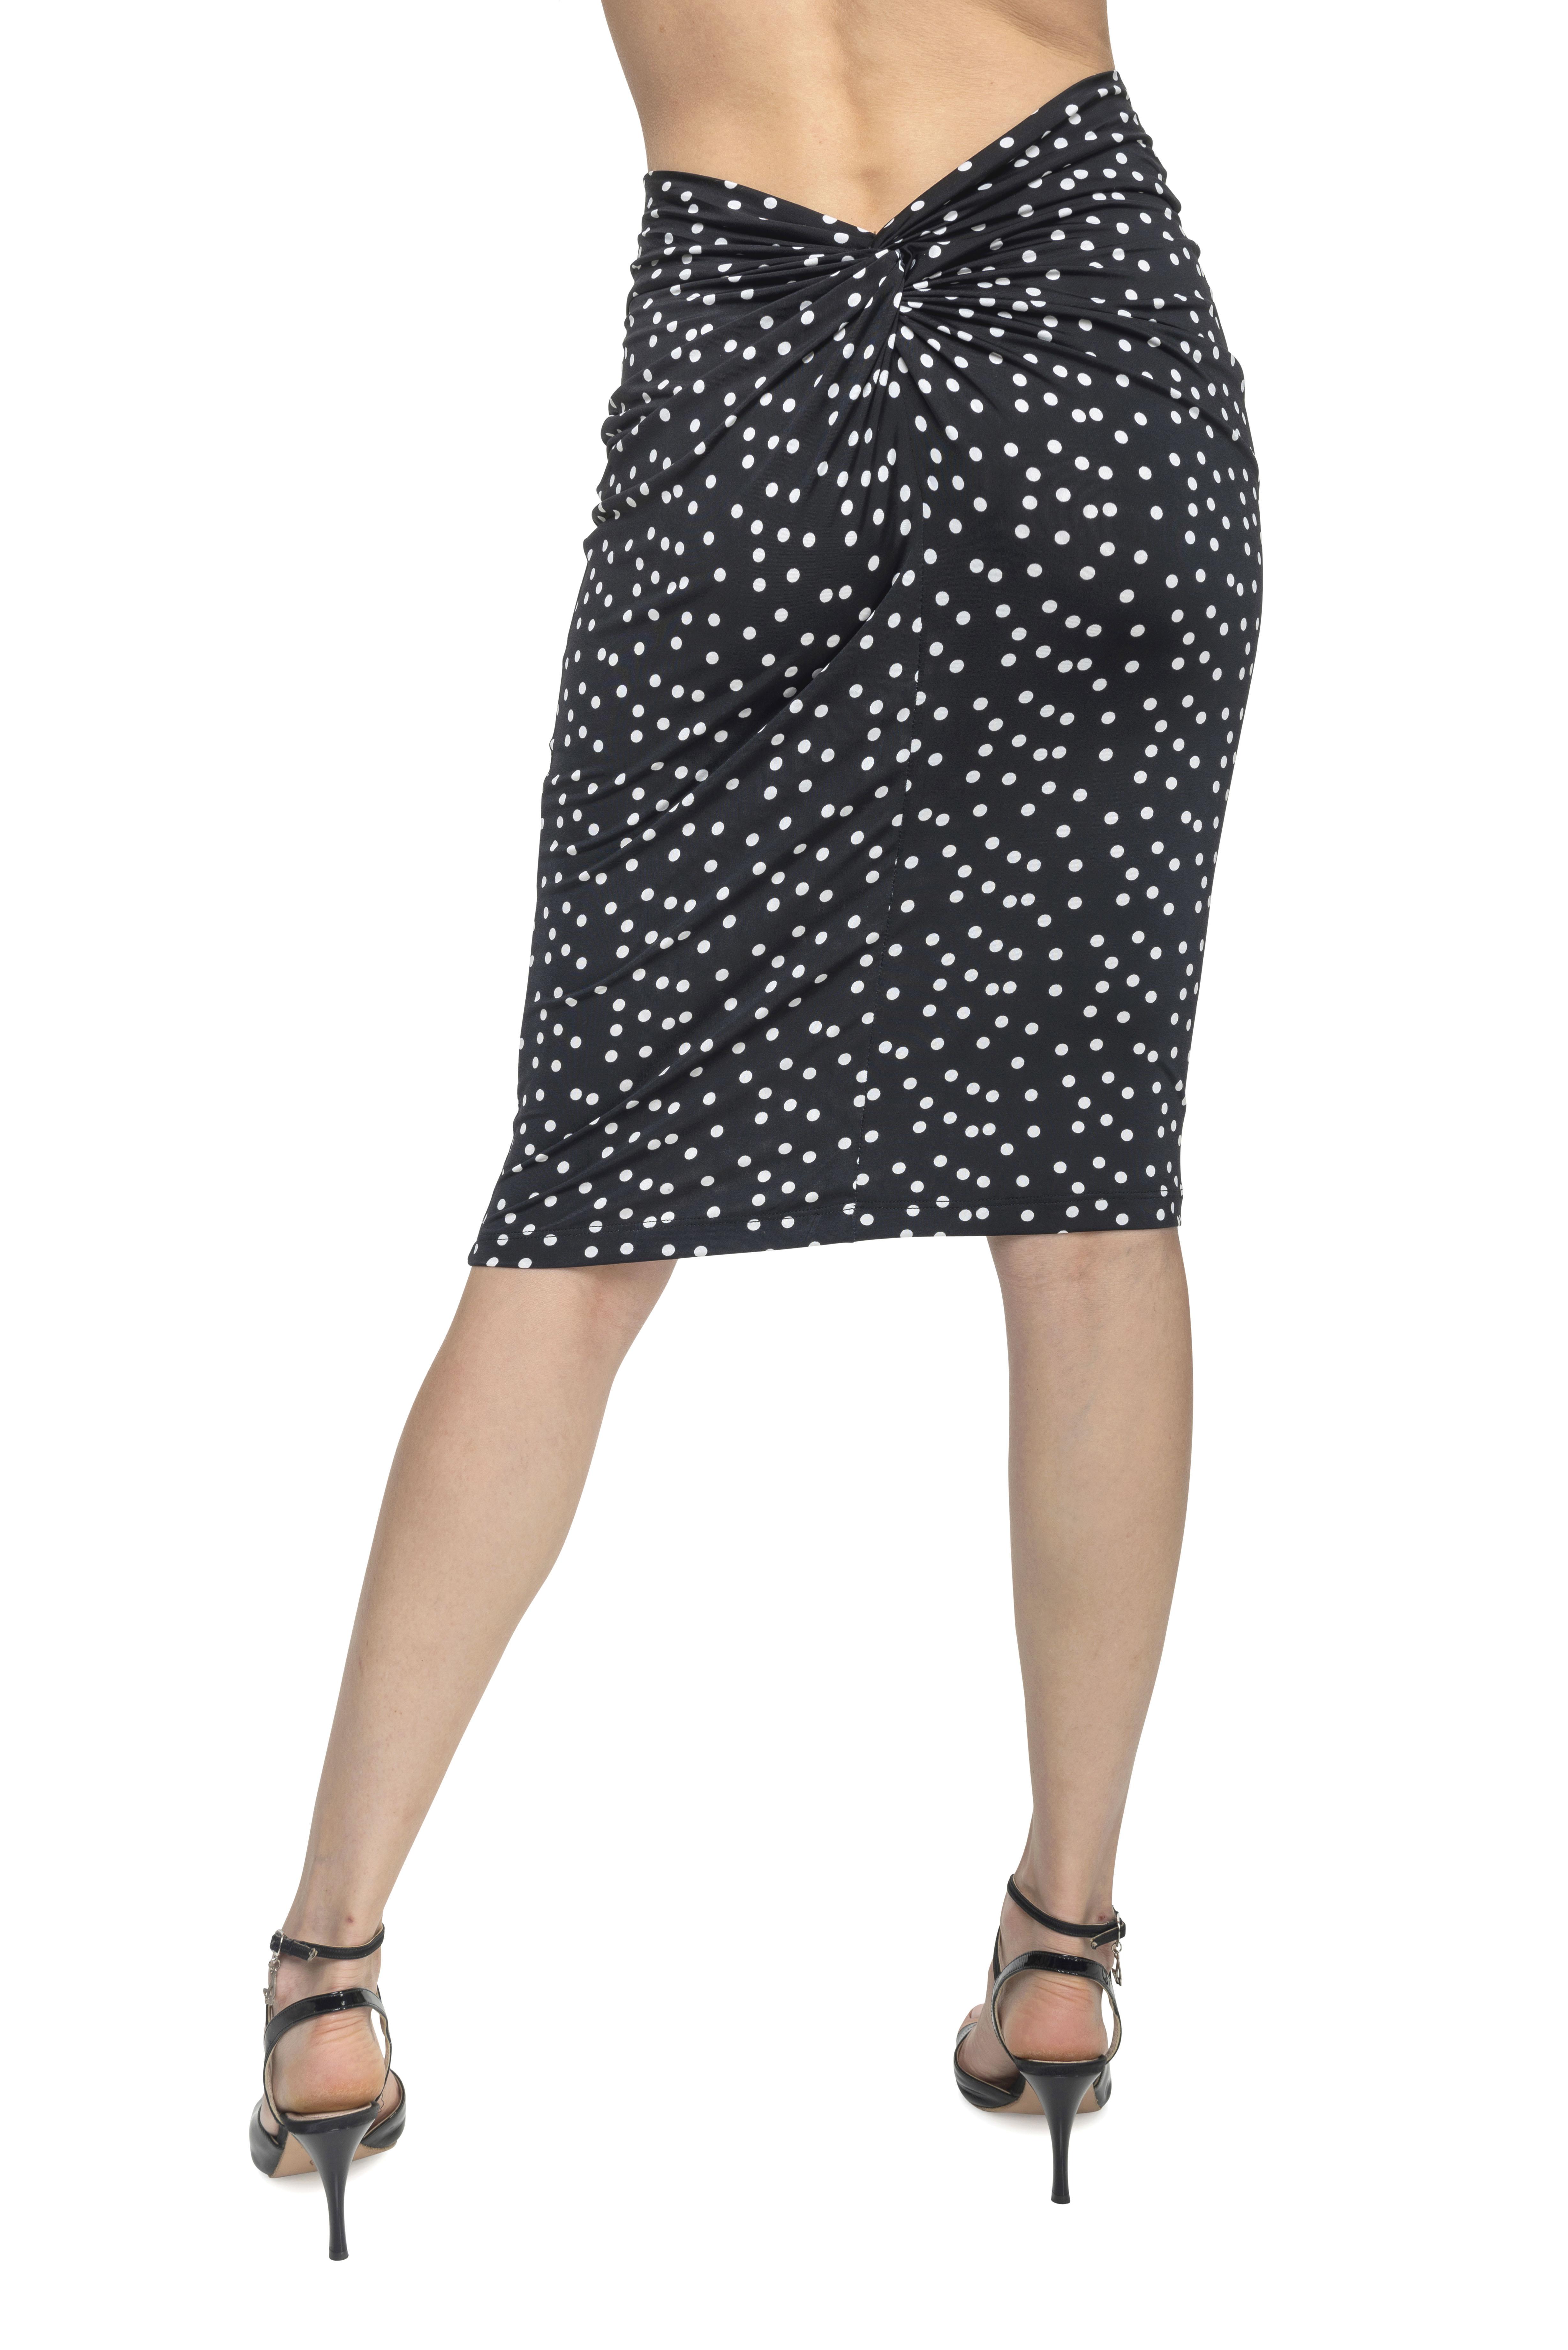 polka dots know tango skirt